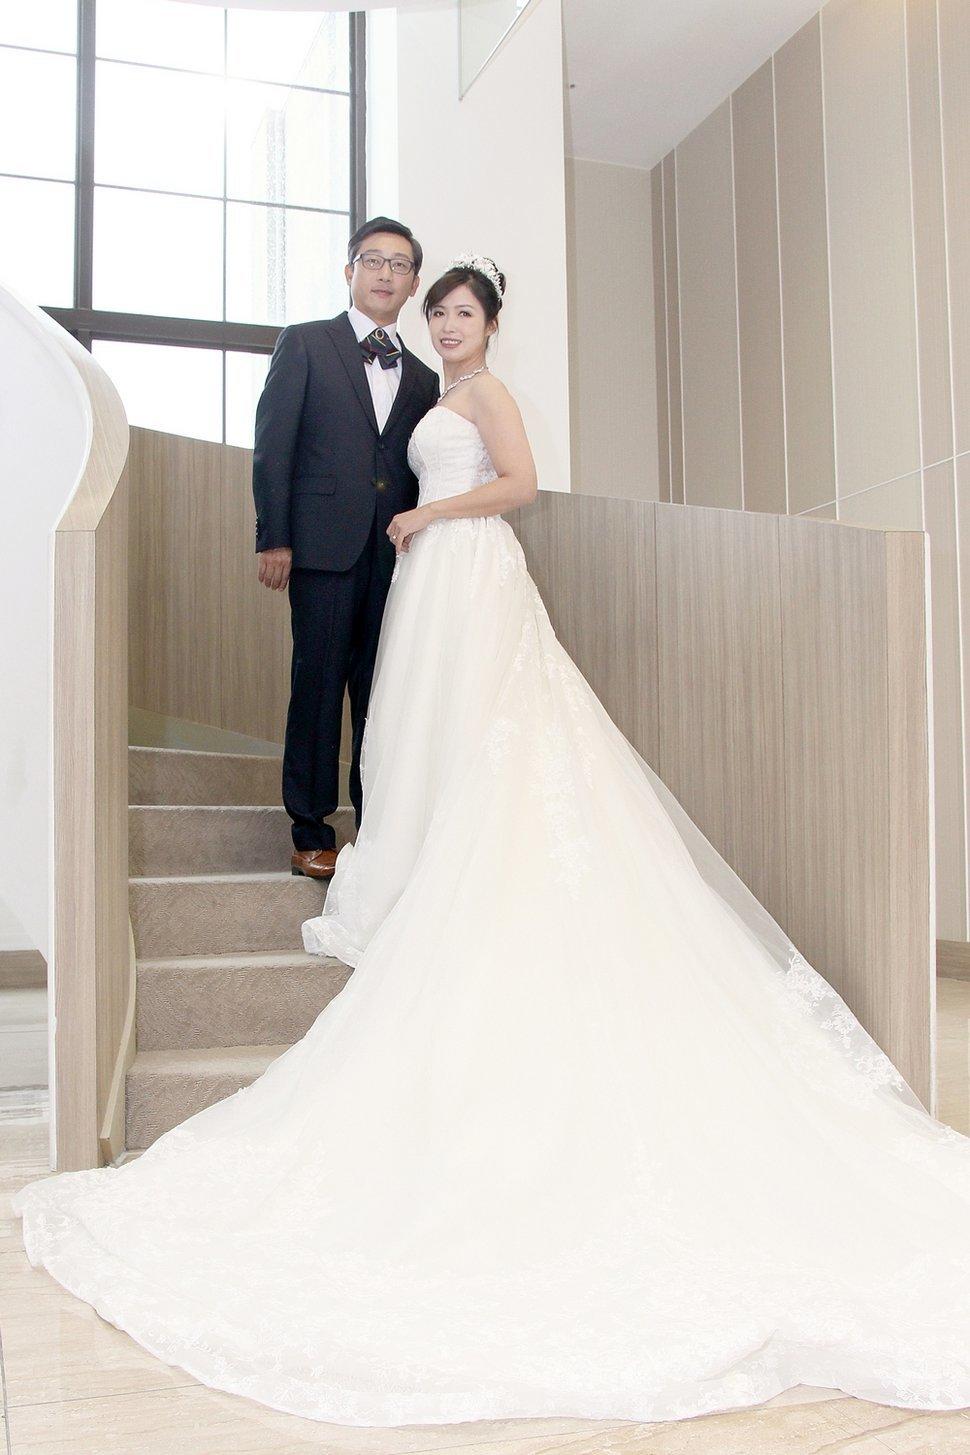 雅鈴&文偉(單午宴)(編號:431210) - 瑞比特婚禮紀錄攝影 - 結婚吧一站式婚禮服務平台